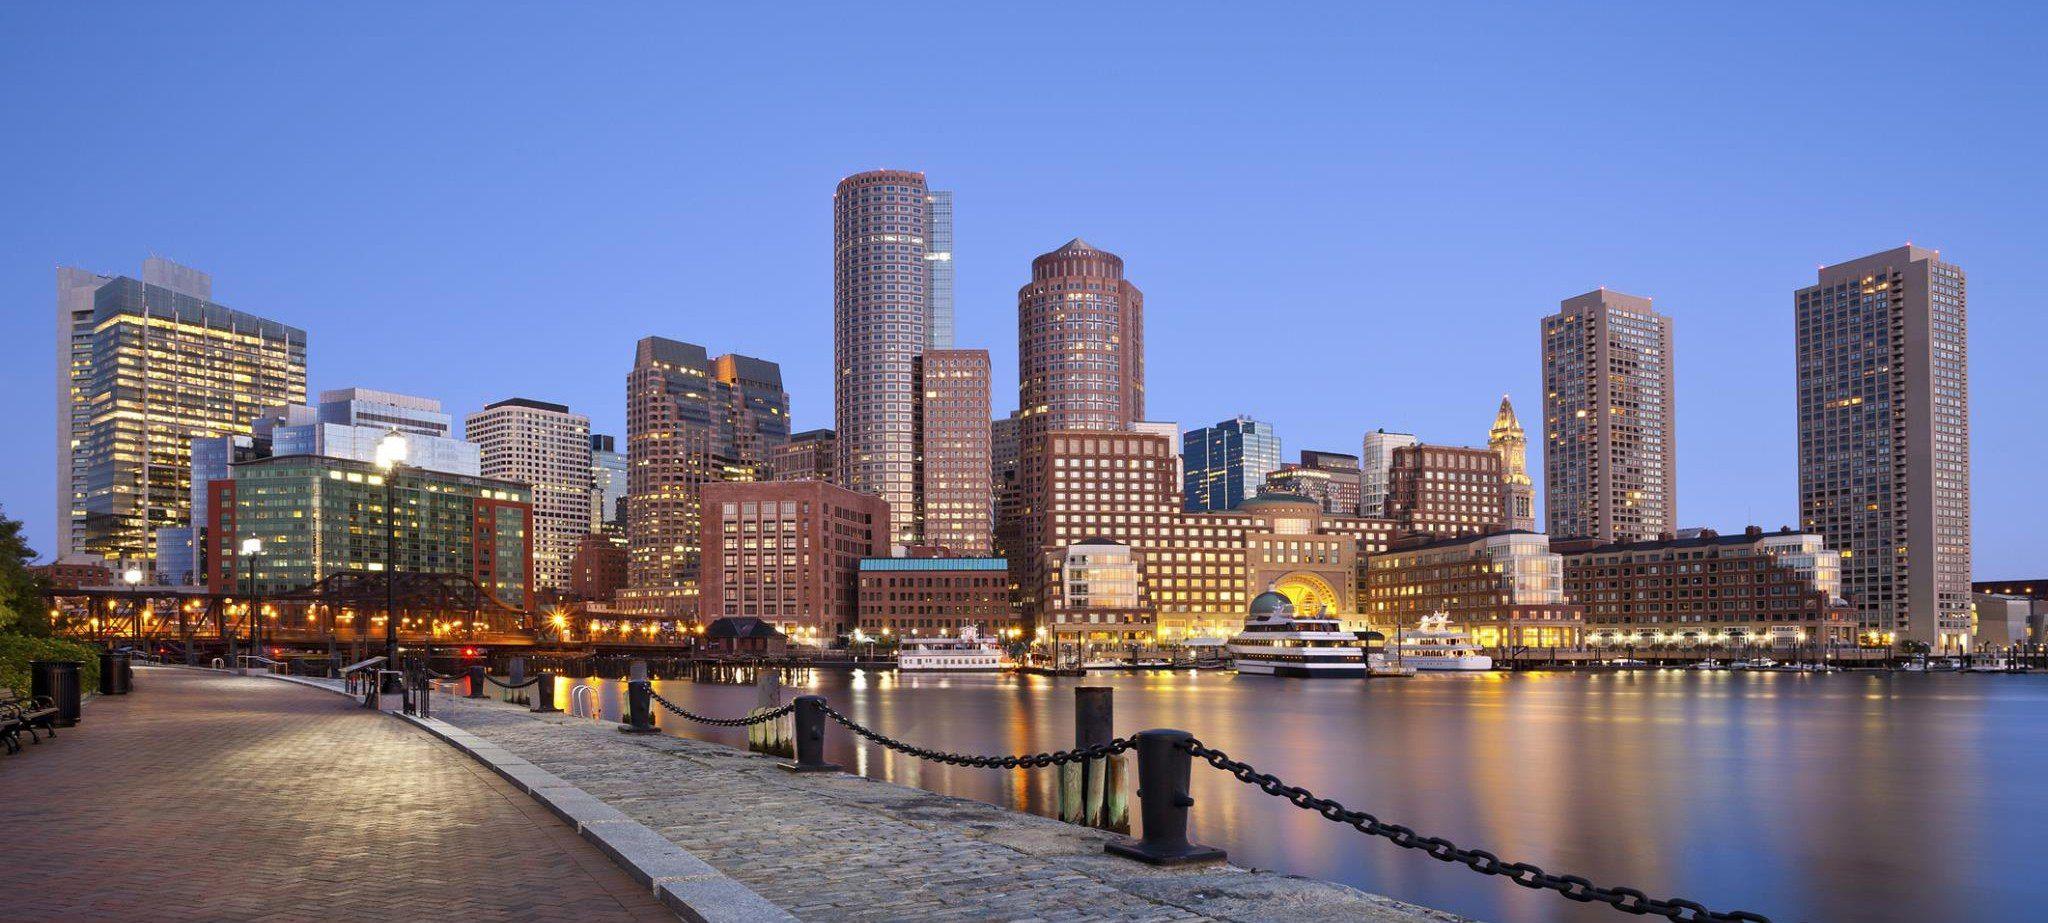 Boston skyline photo College tour, Boston university